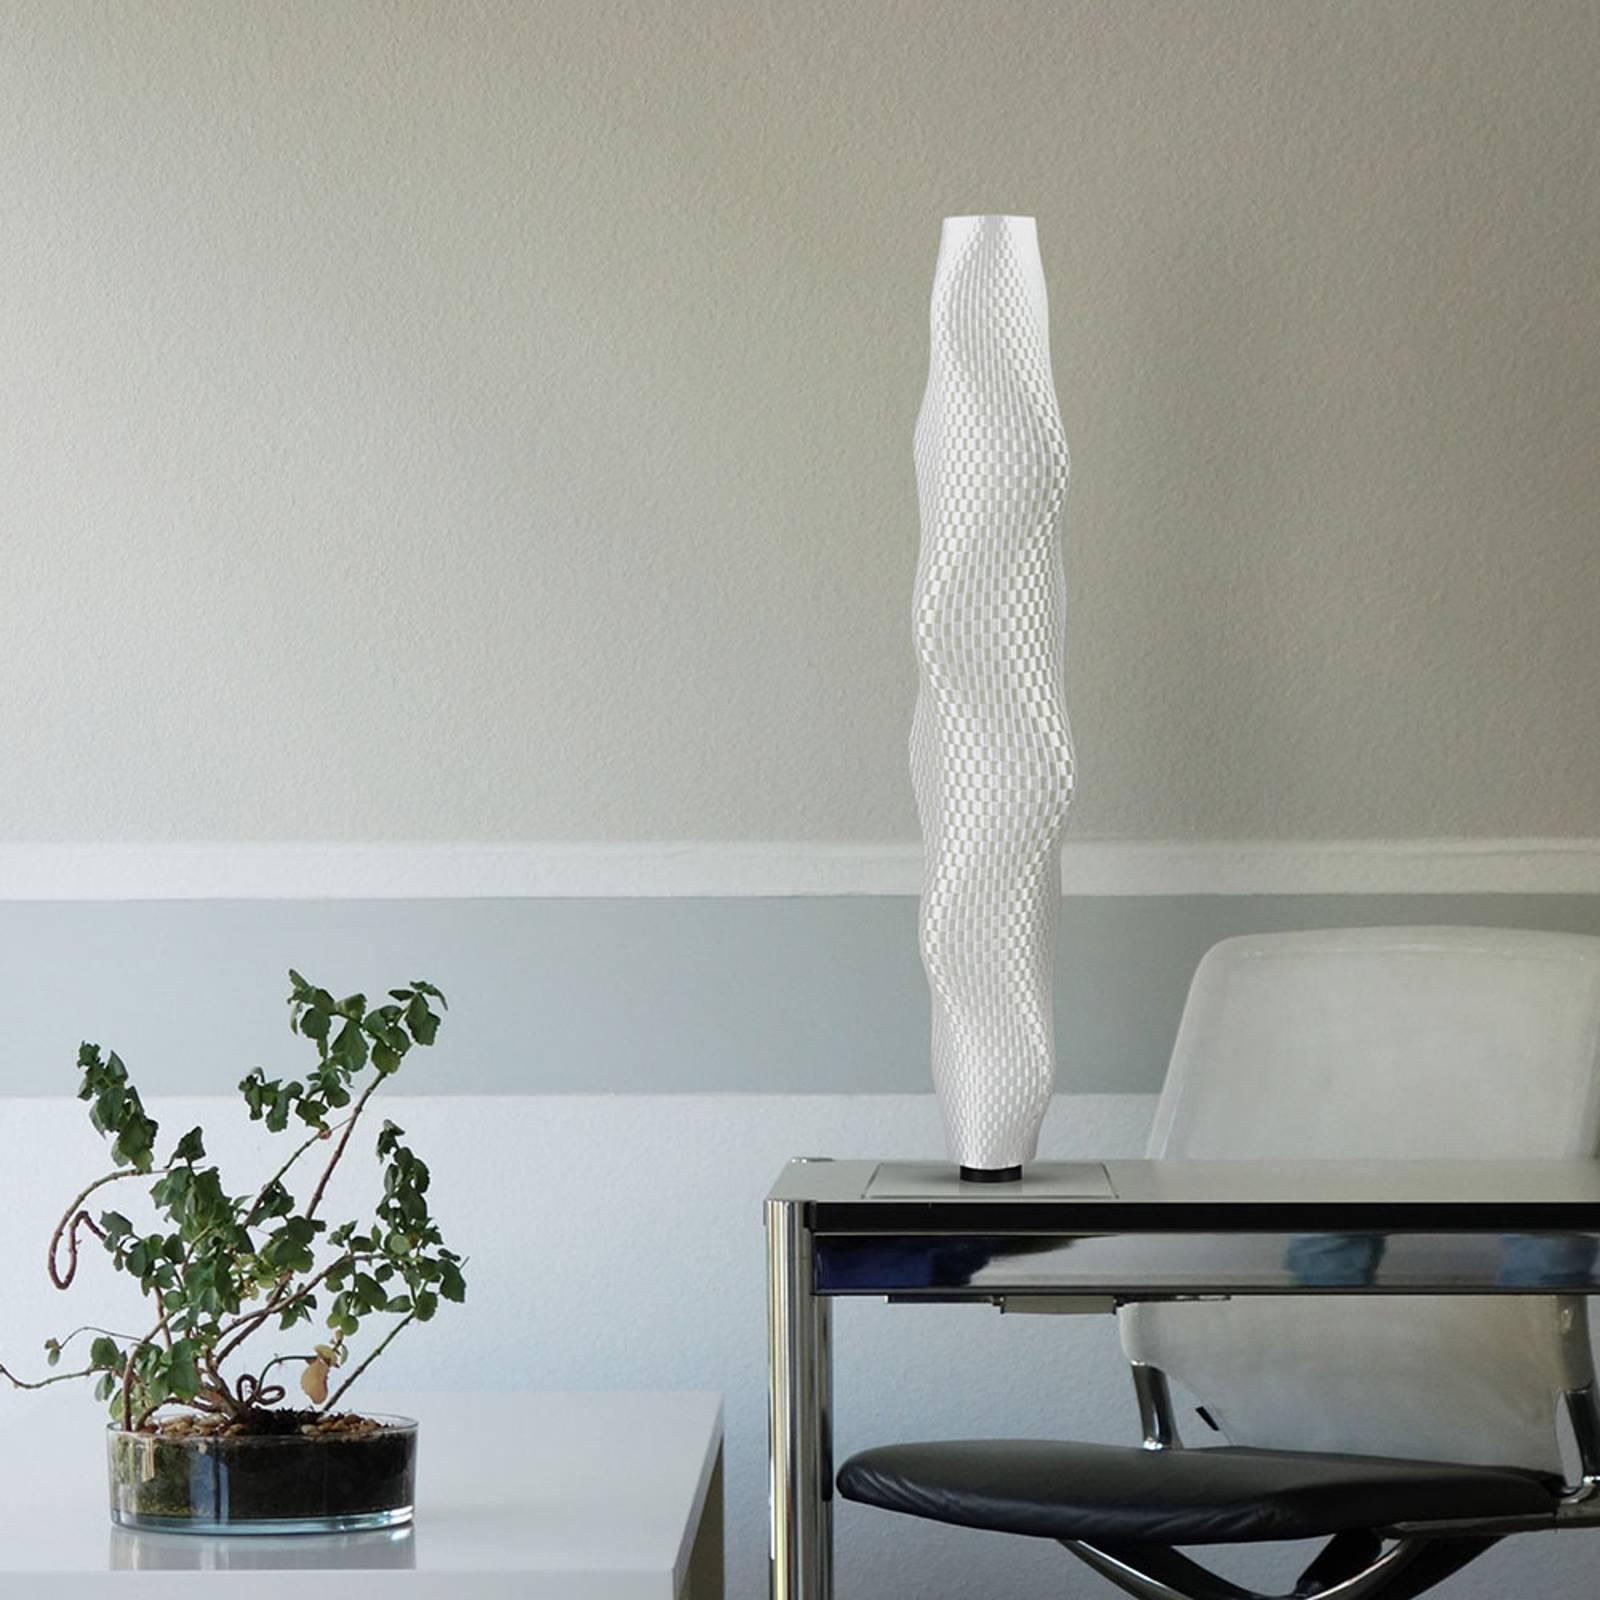 LED-lattiavalo Flechtwerk Kaktus 75 cm, valkoinen